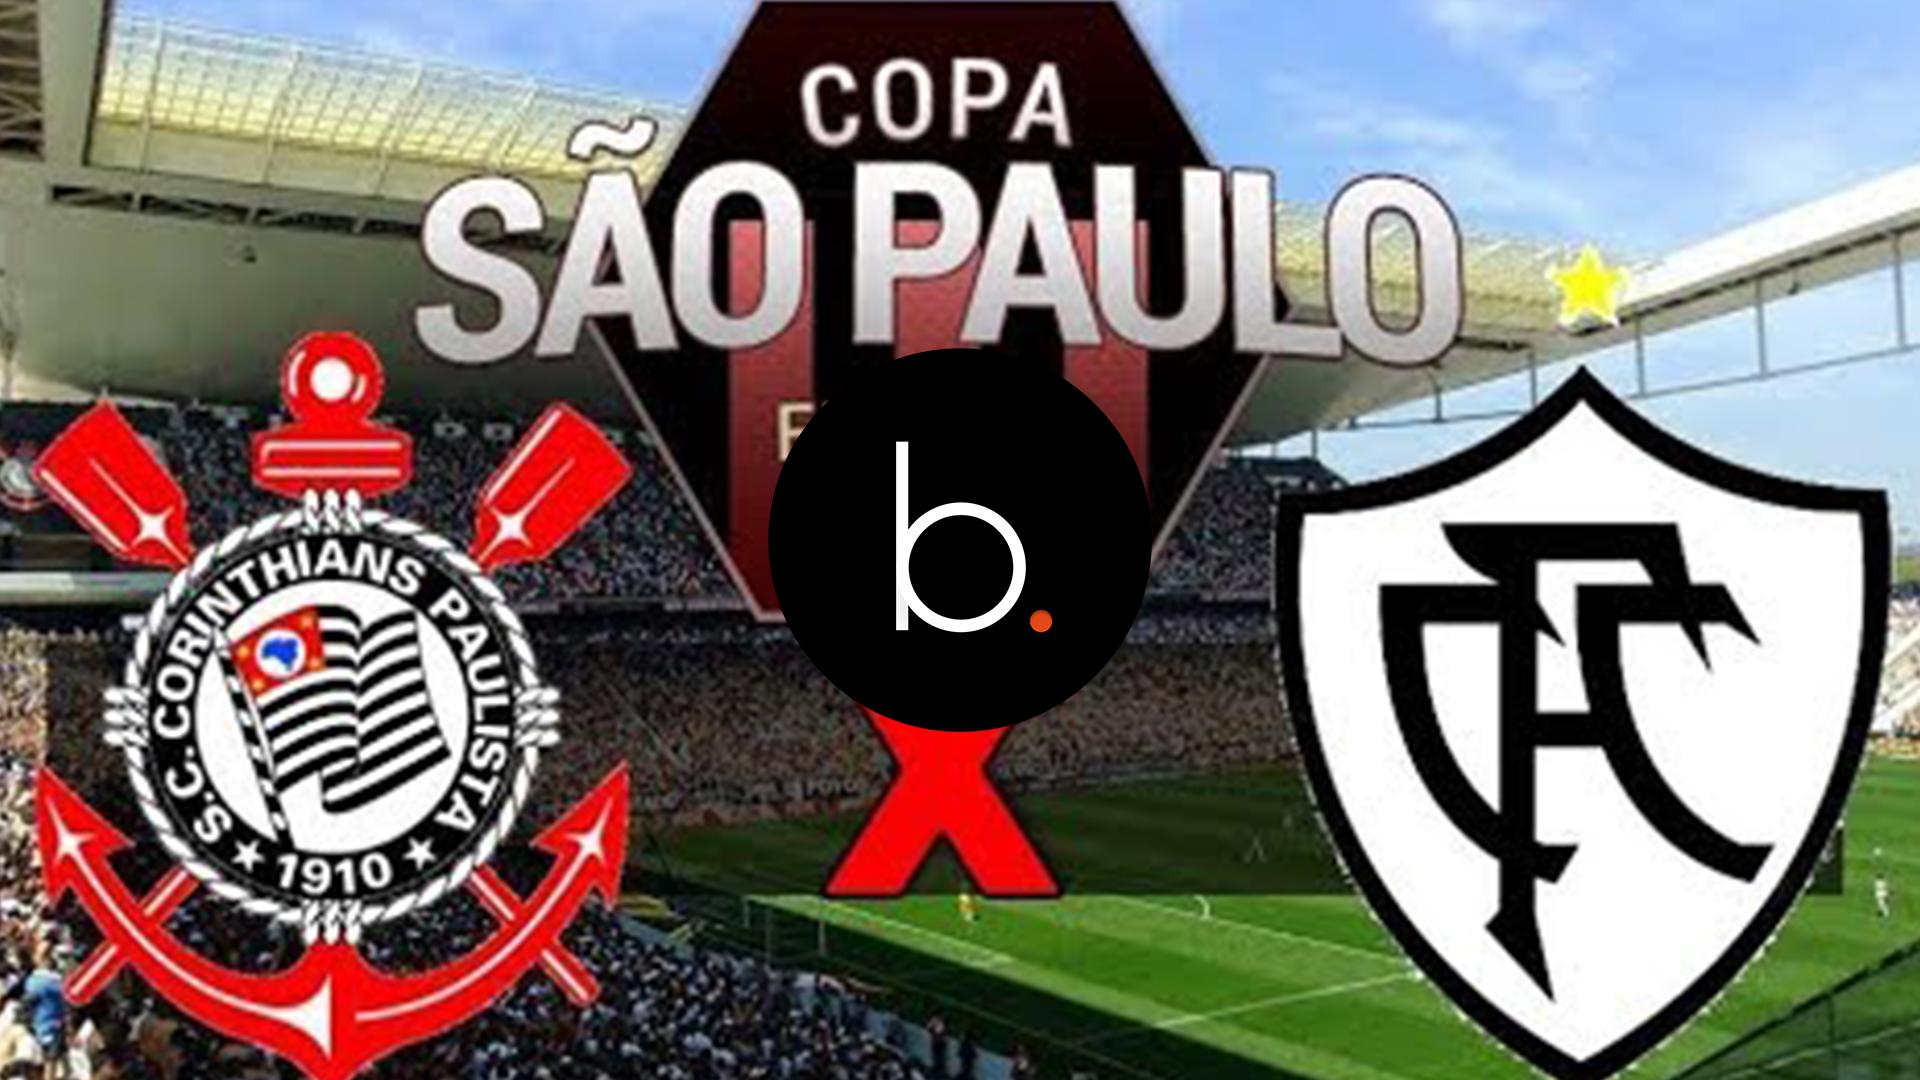 Moto Club x Palmeiras: transmissão do jogo da Copa SP ao vivo na TV e internet